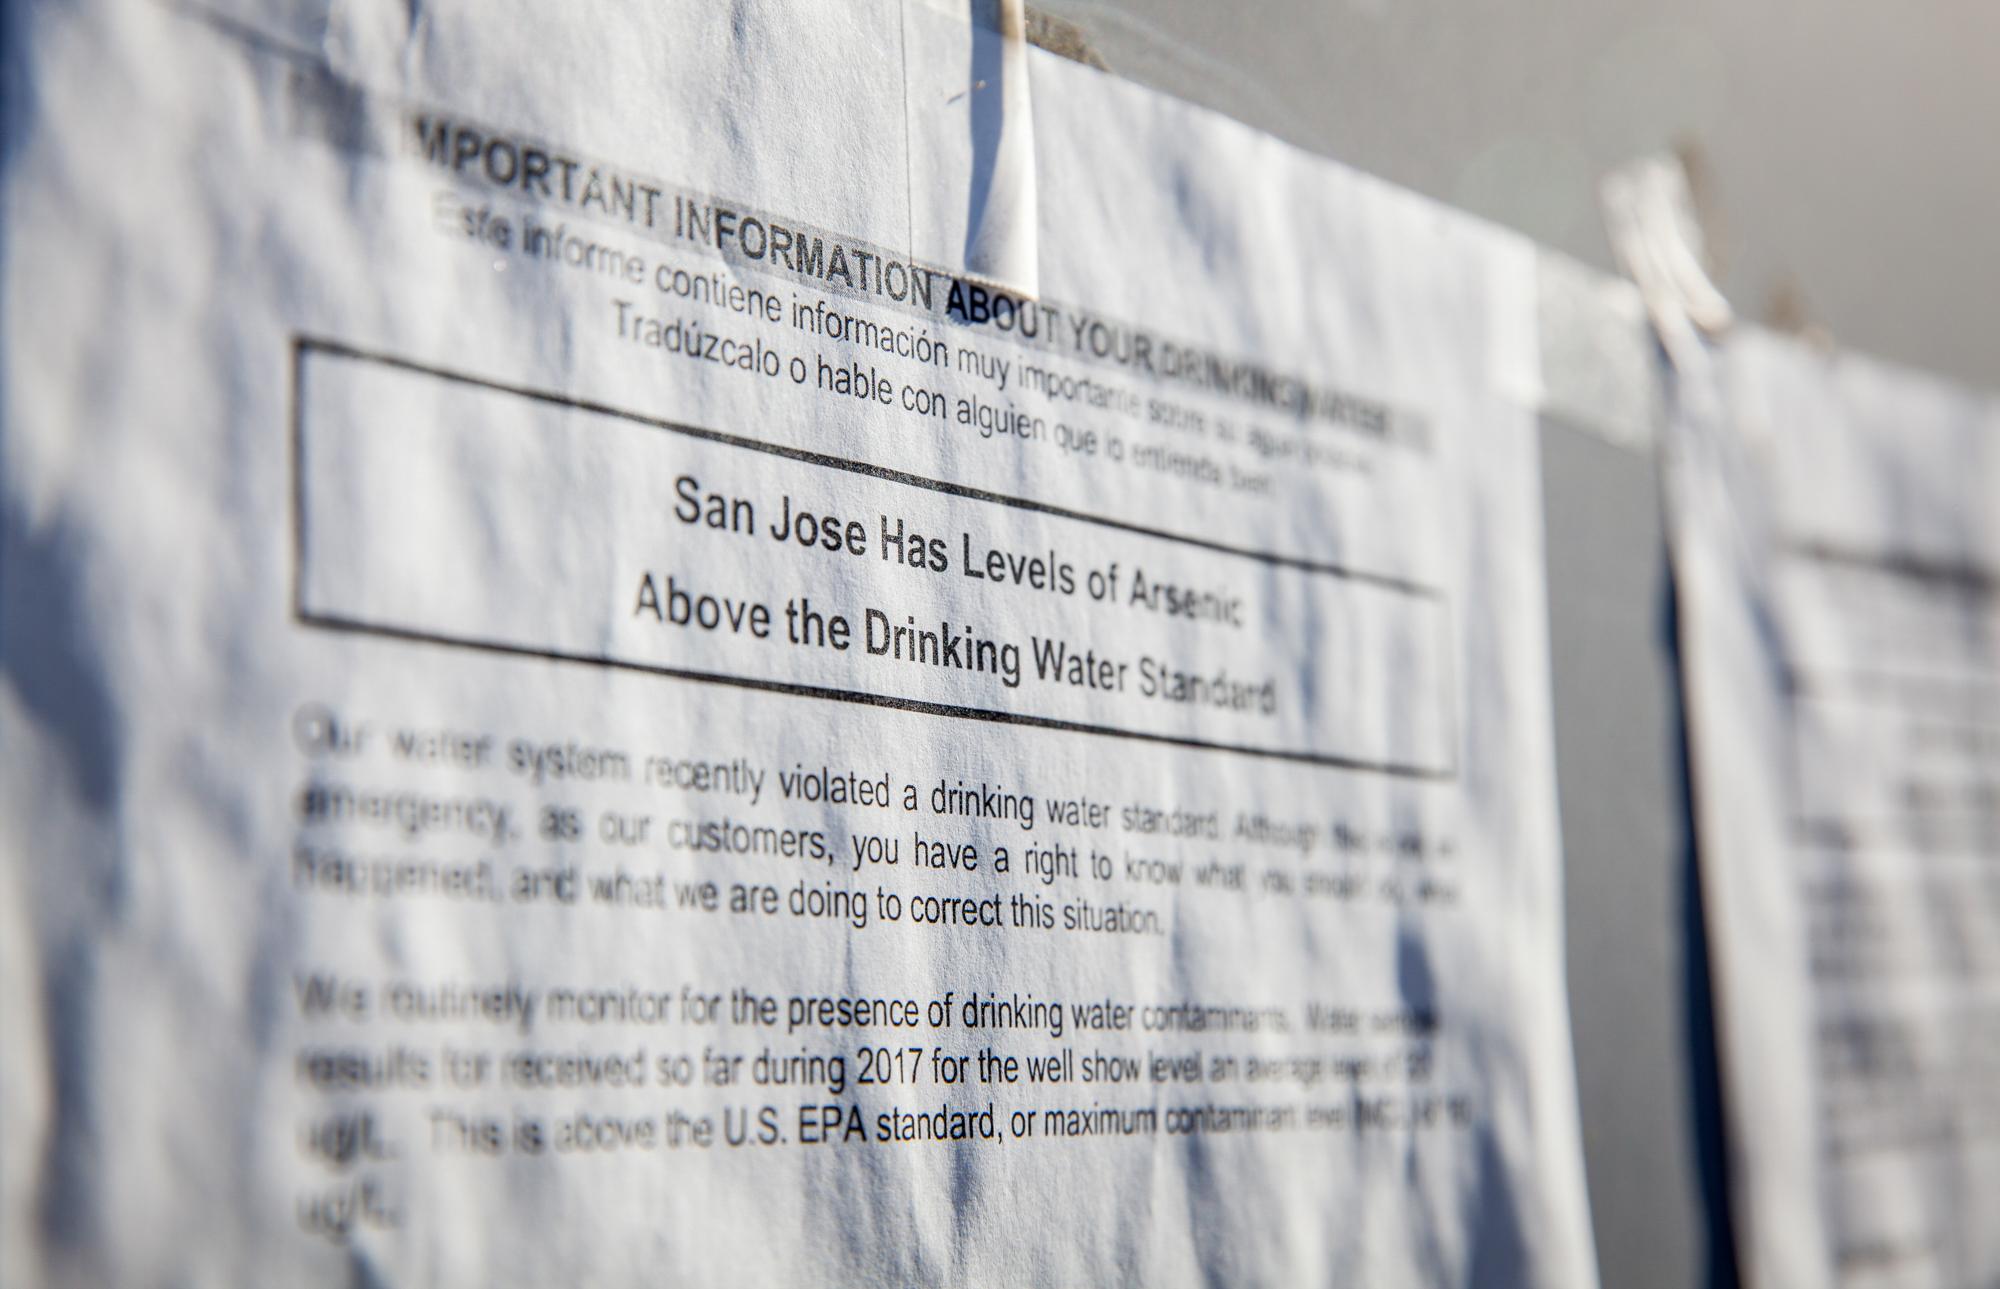 Image: Public Notice, San Jose, California